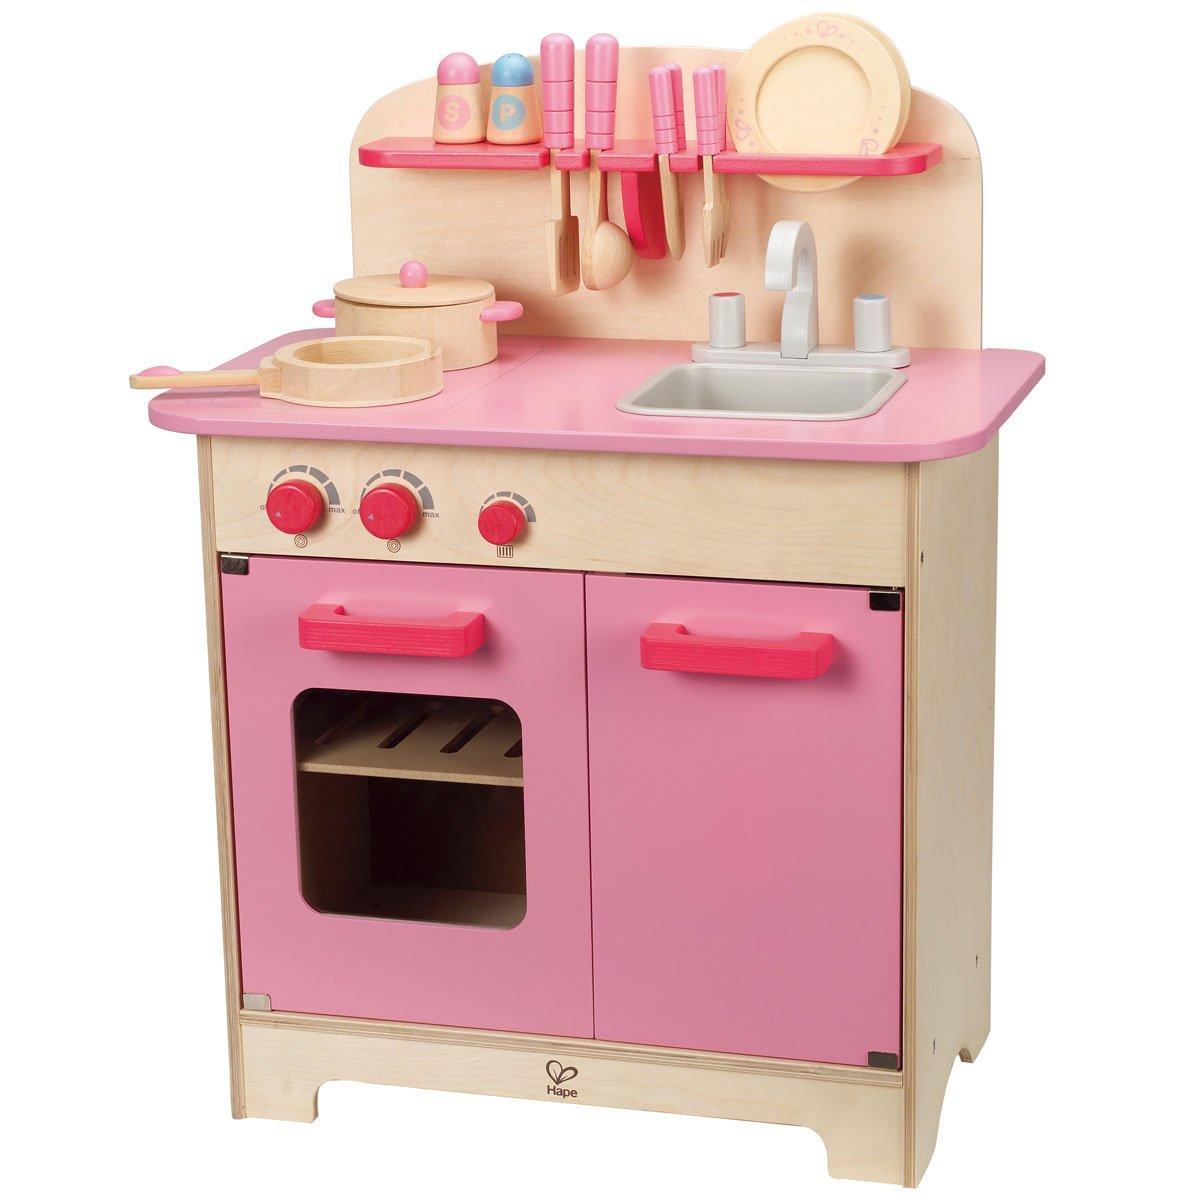 Hape Kinderküche Pink mit Zubehör